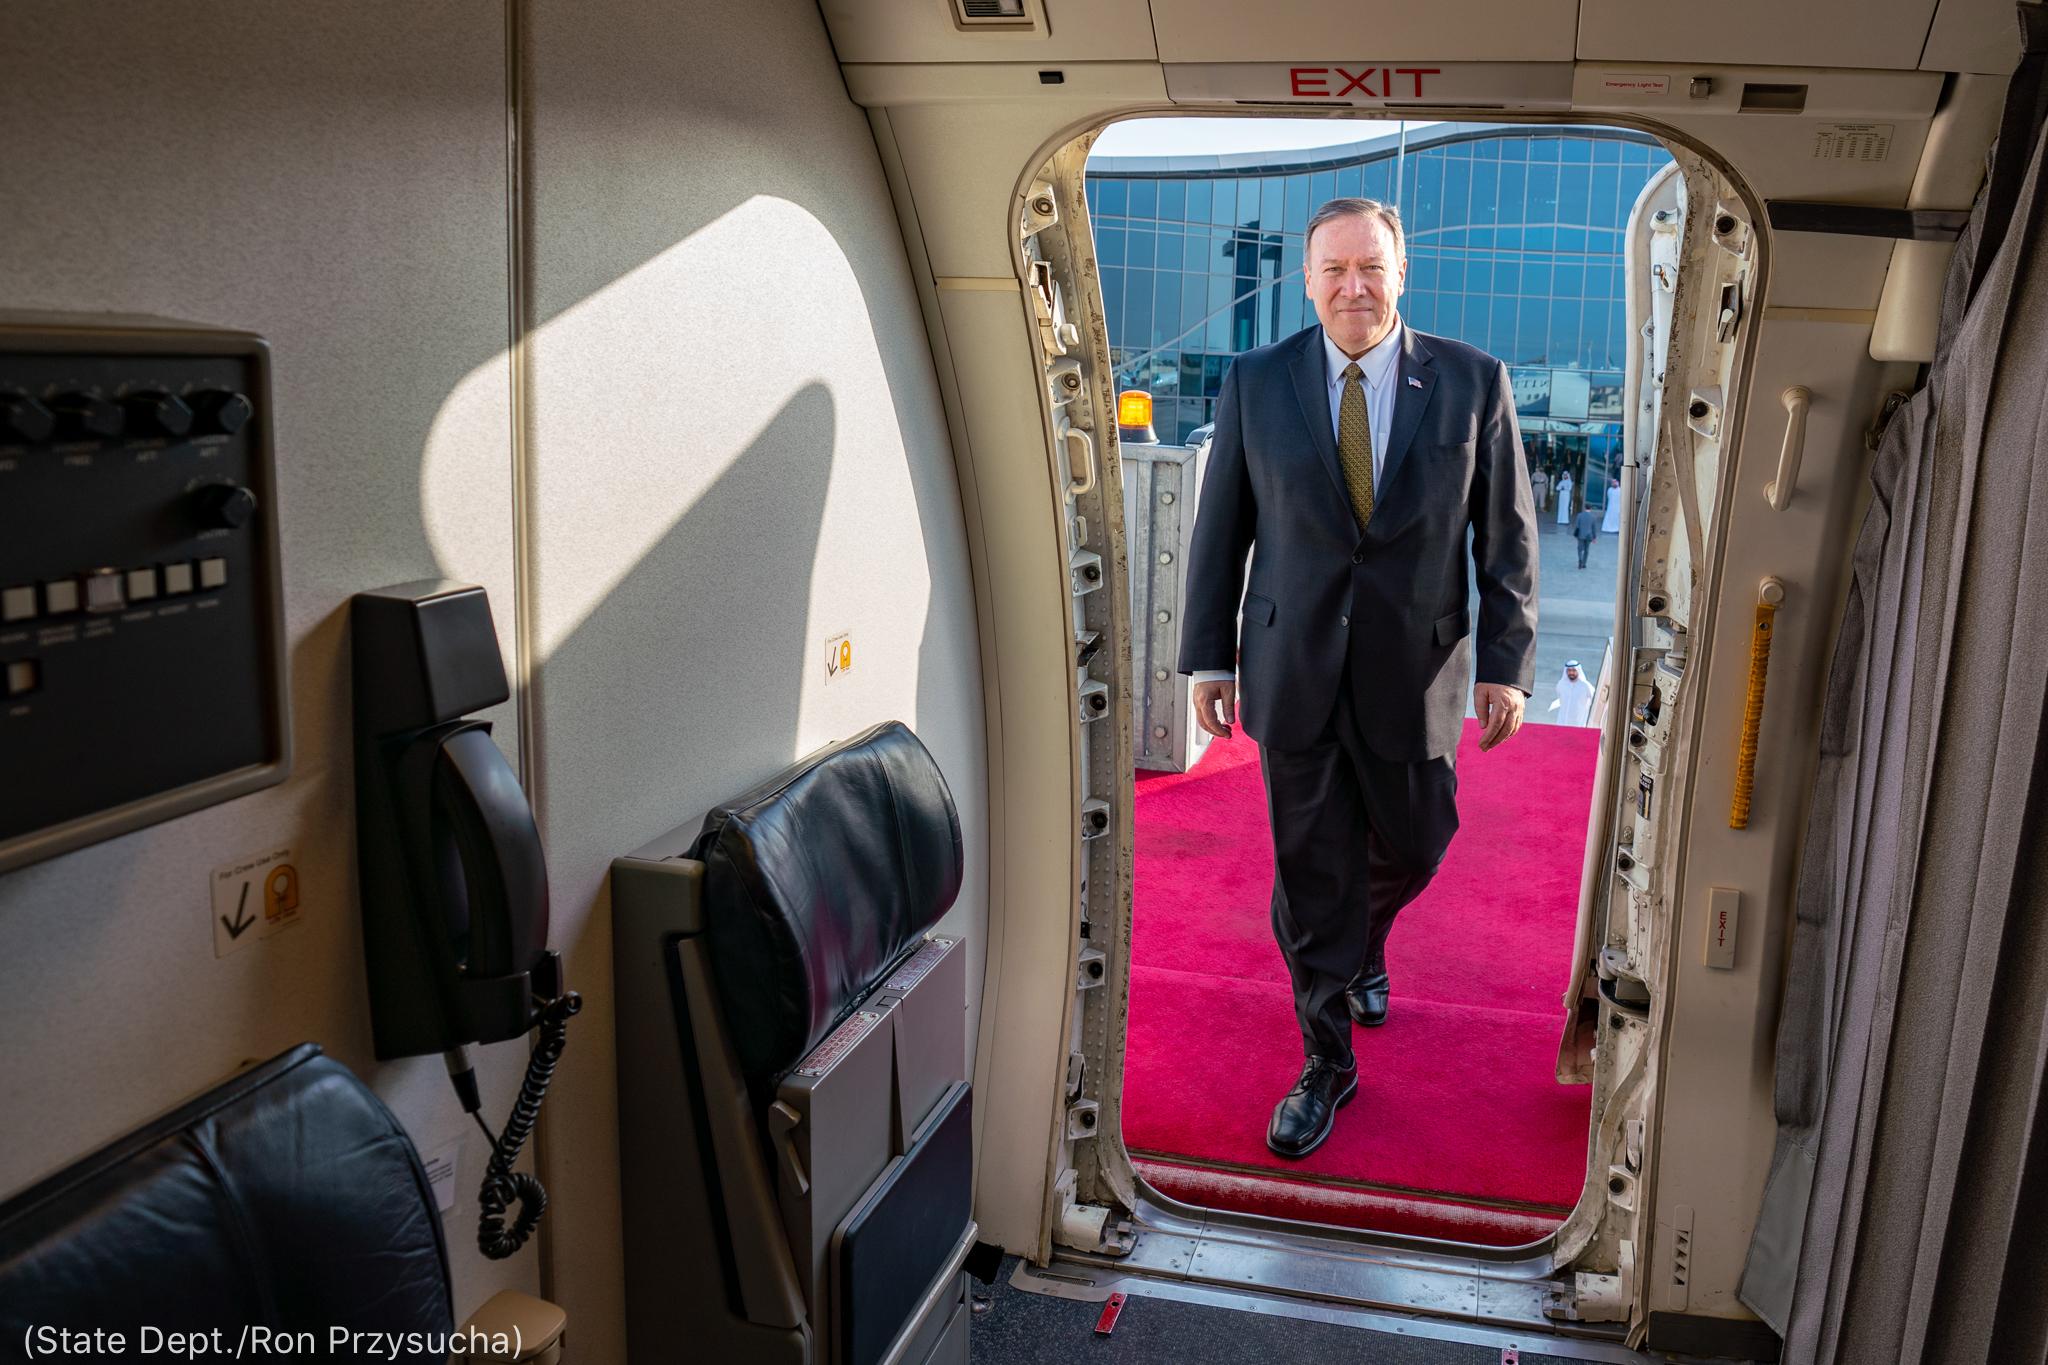 Secretário Pompeo embarcando em aeronave (Depto. de Estado/Ron Przysucha)